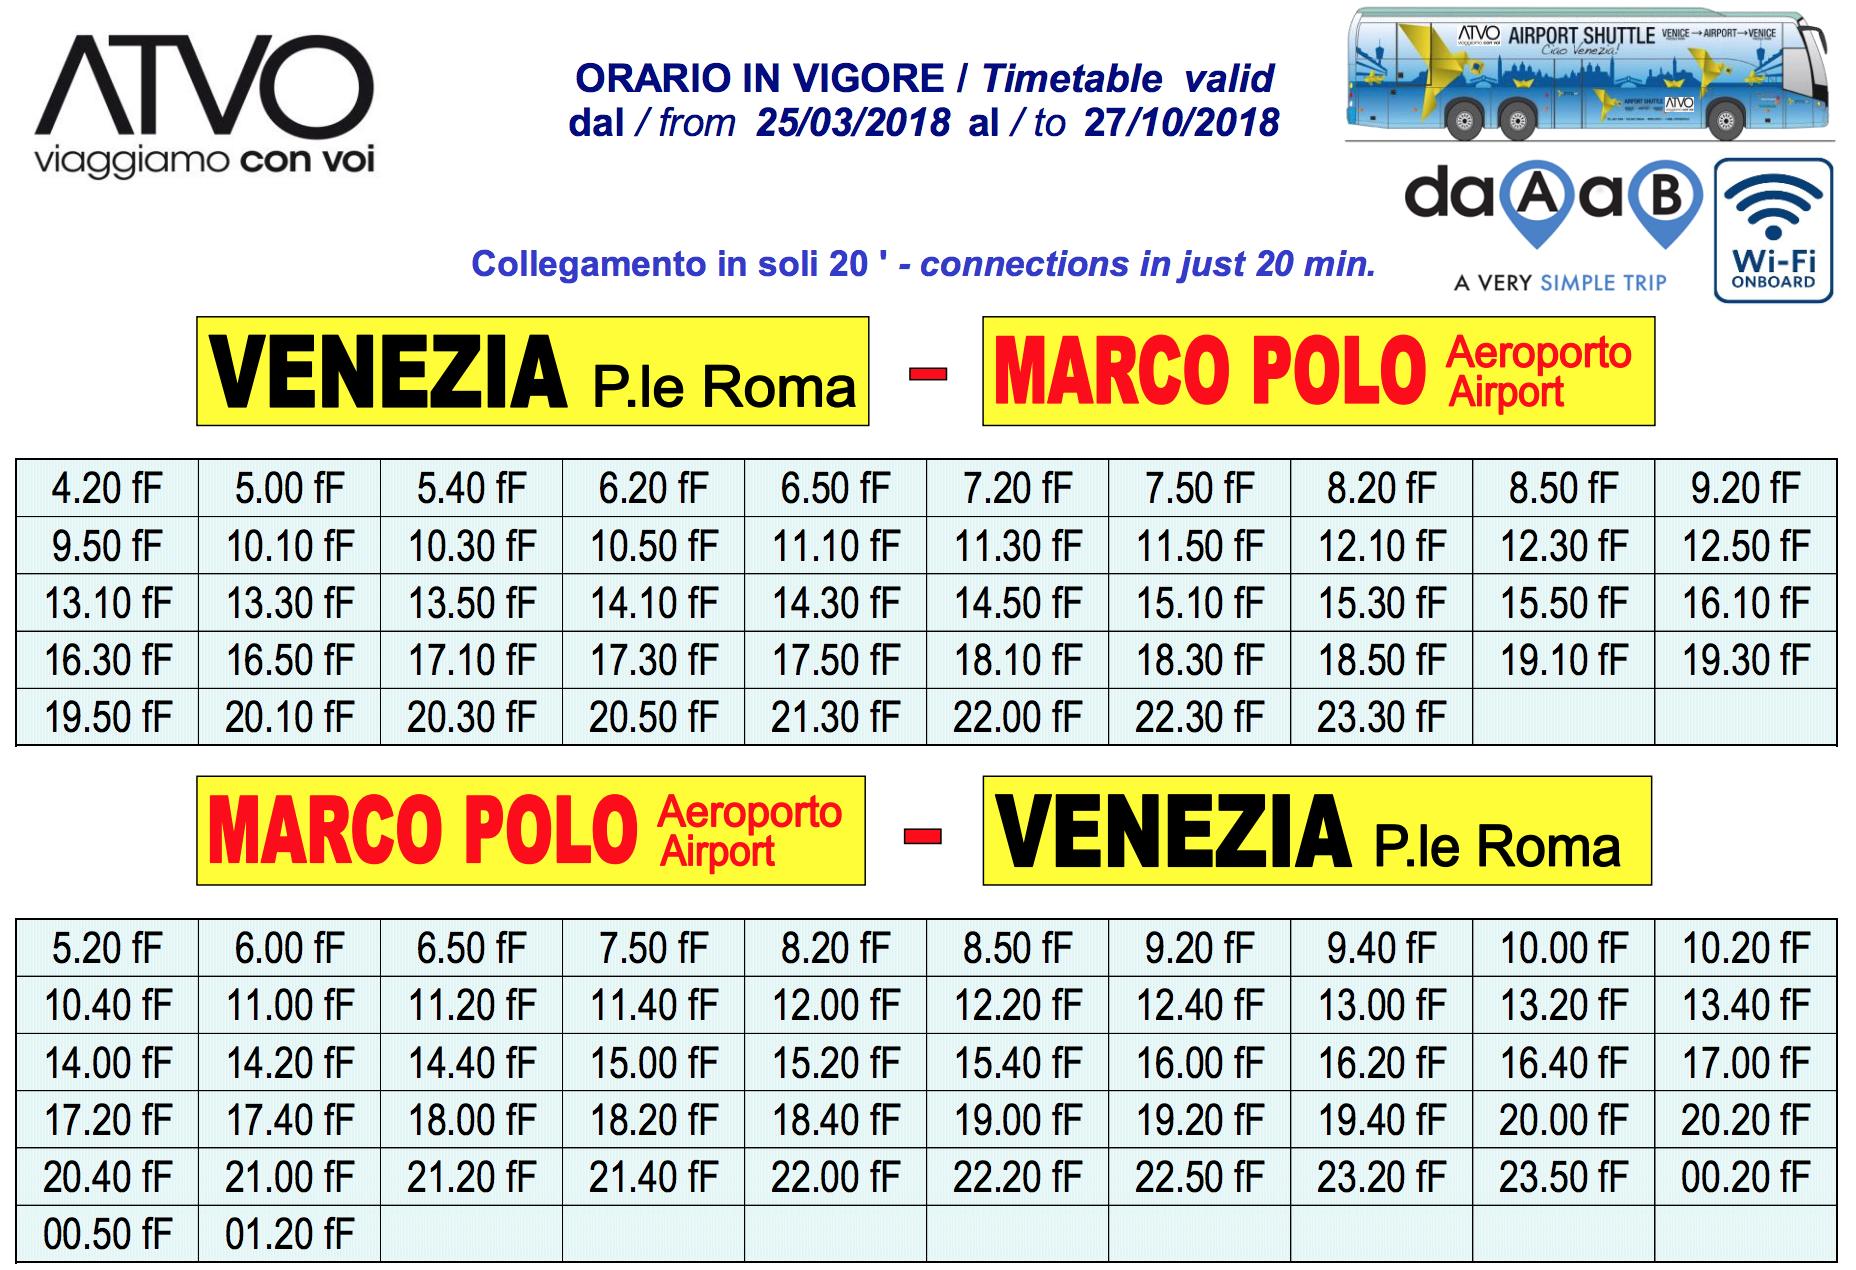 Расписание шаттлов ATVO из аэропорта Марко Поло 2018 года